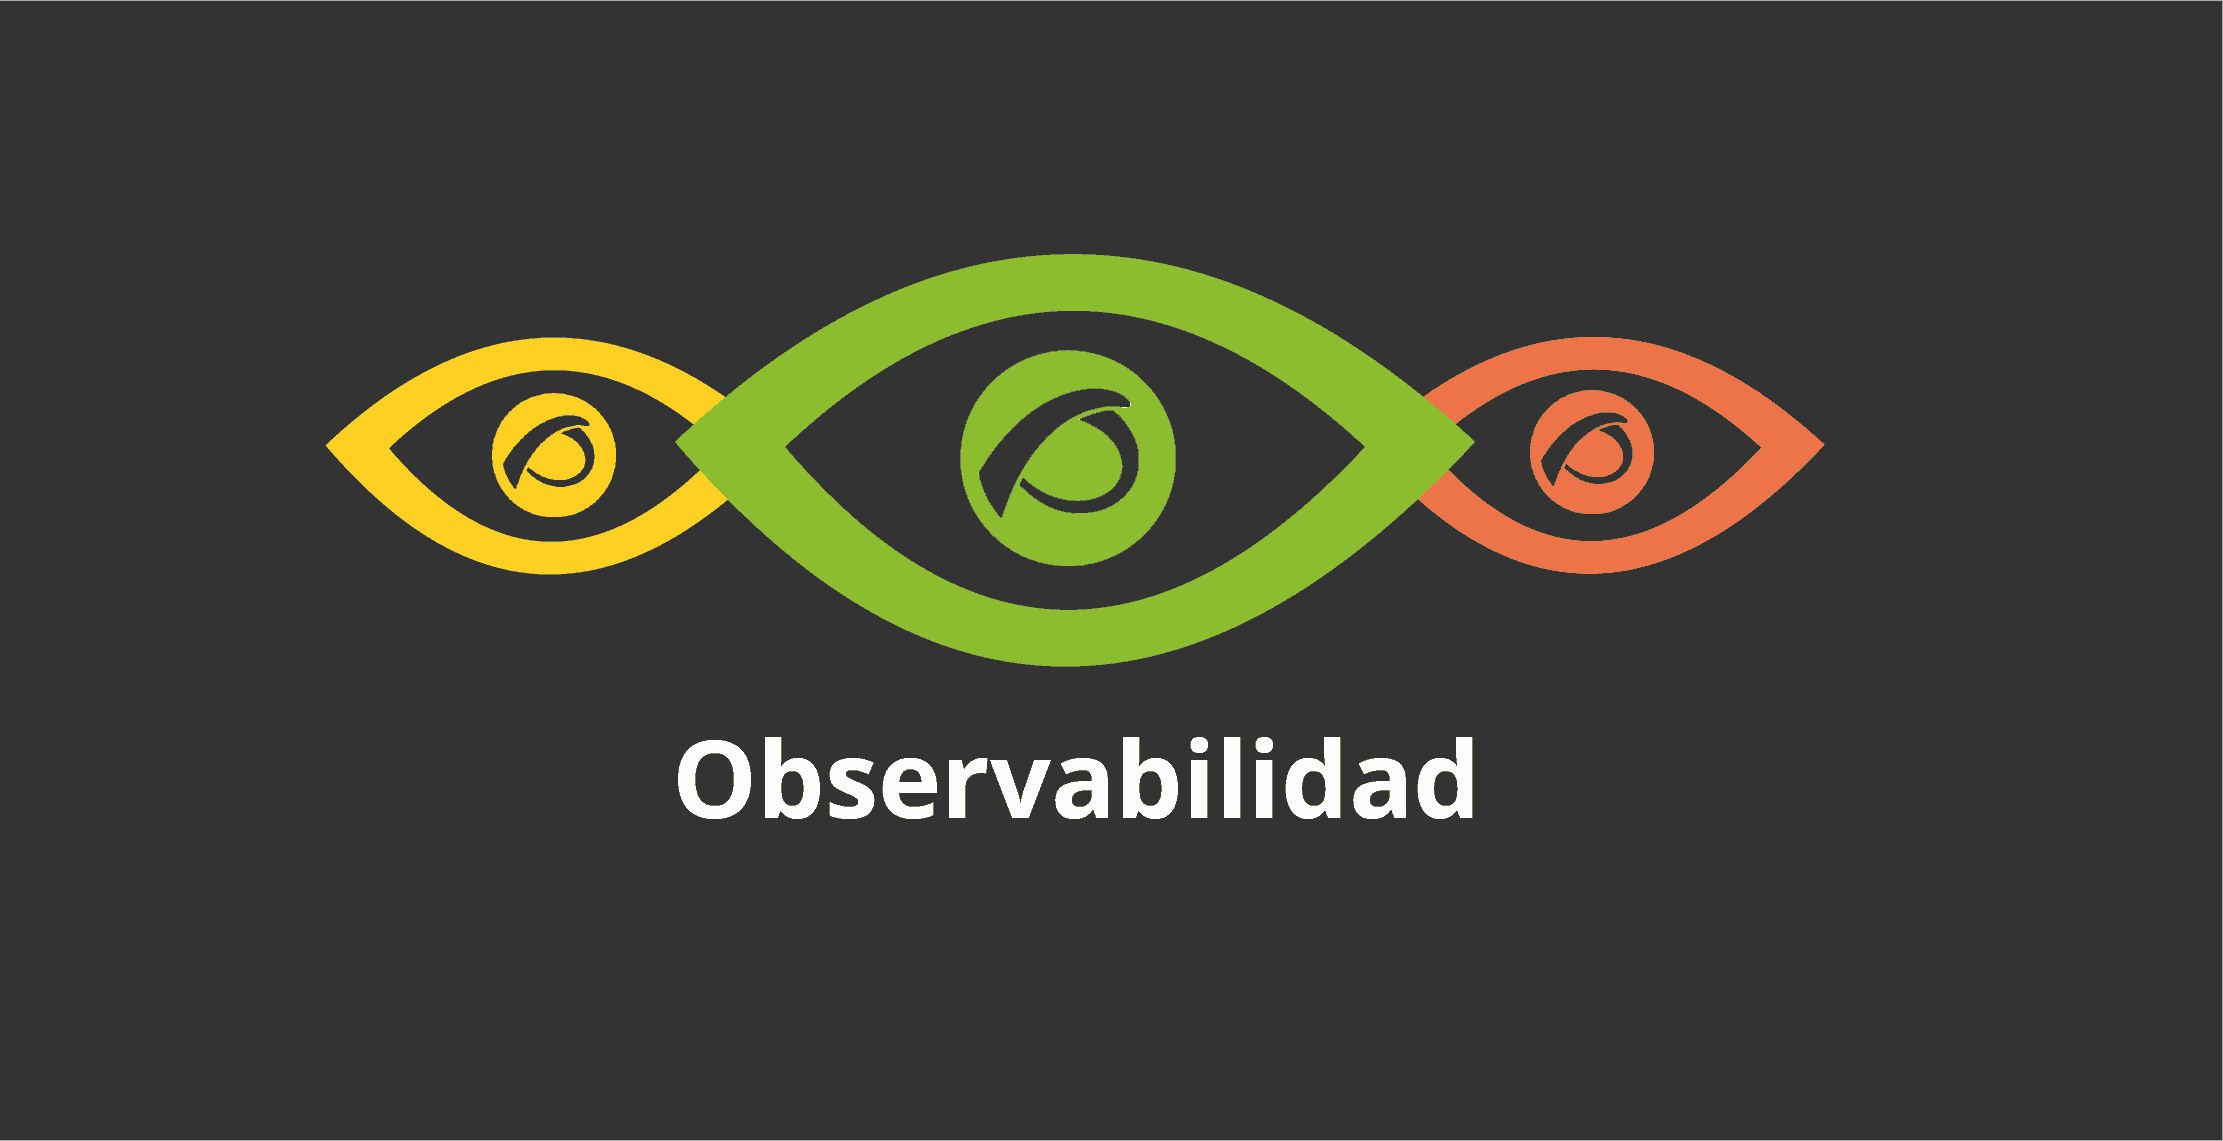 observabilidad